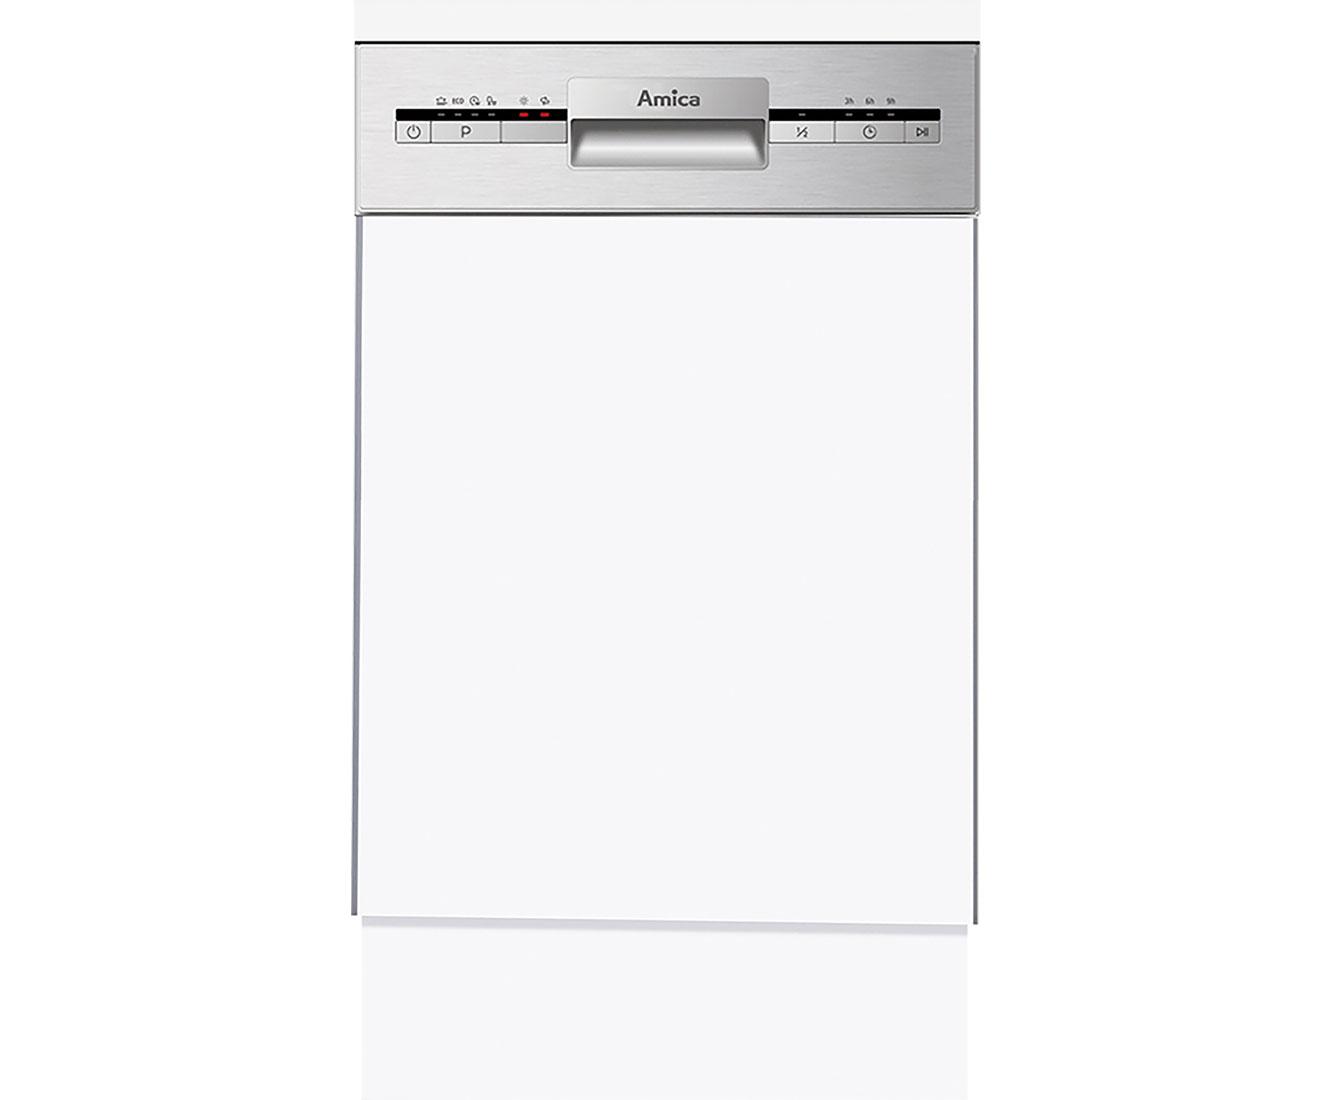 Amica EGSP 14695 E Geschirrspüler 45 cm - Edelstahl   Küche und Esszimmer > Küchenelektrogeräte > Gefrierschränke   Edelstahl   Amica